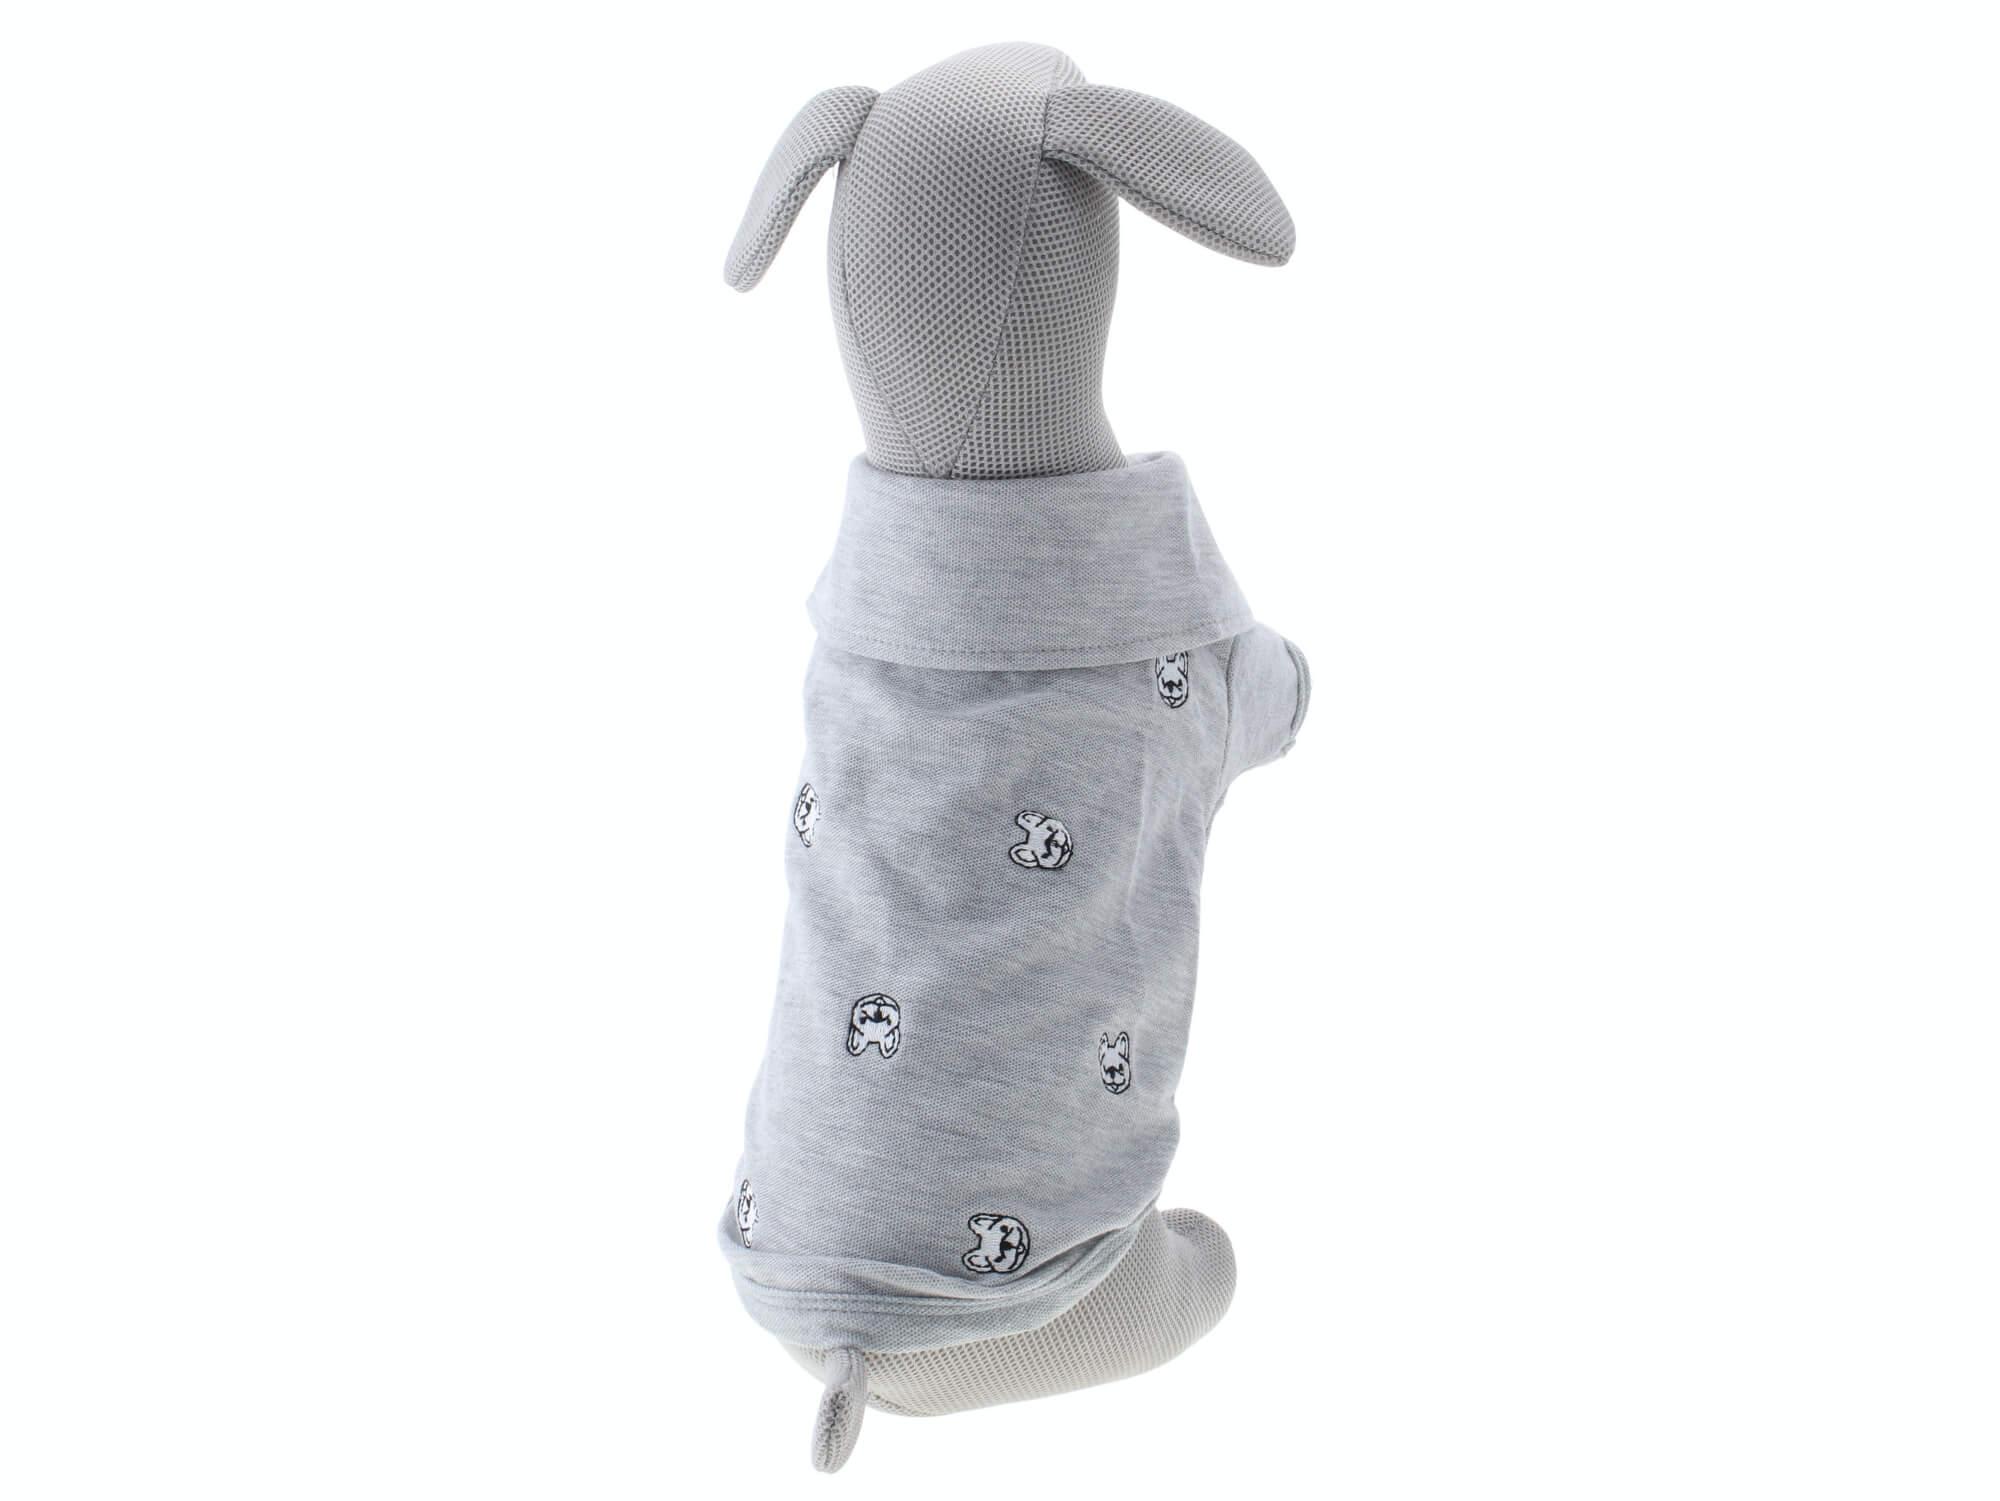 Levně Vsepropejska Brok šedé tričko pro psa Délka zad psa: 34 cm, Obvod hrudníku: 52 - 54 cm